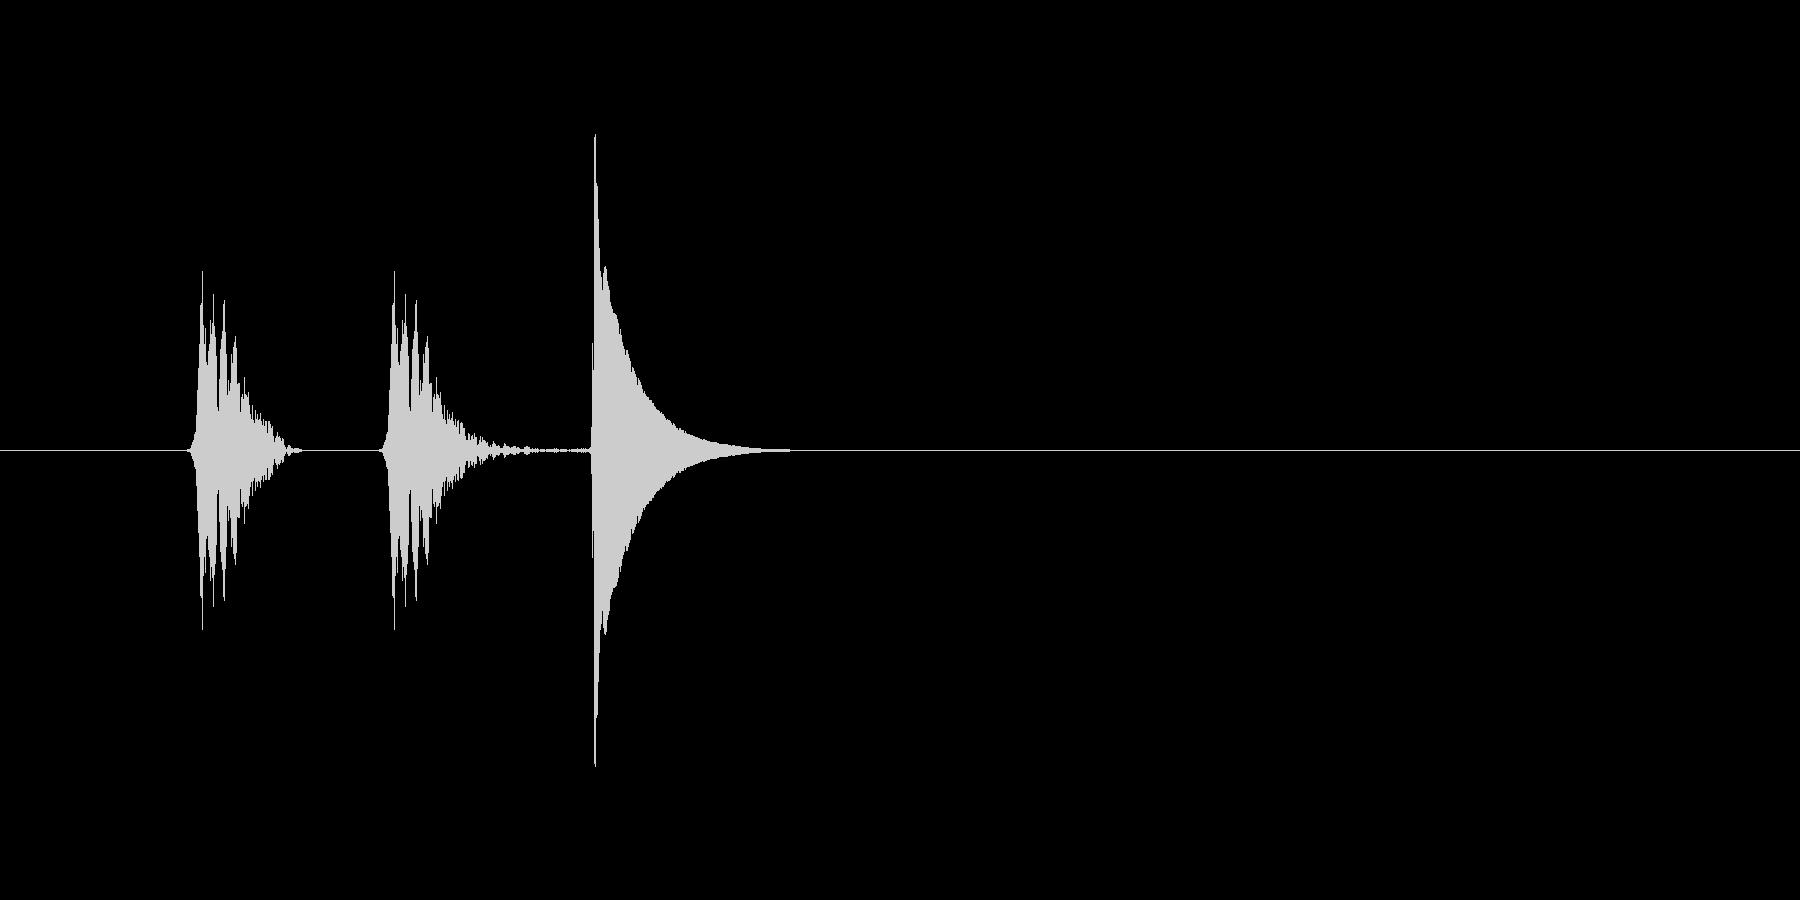 「カチッ」スマホアプリのタッチ音想定の未再生の波形